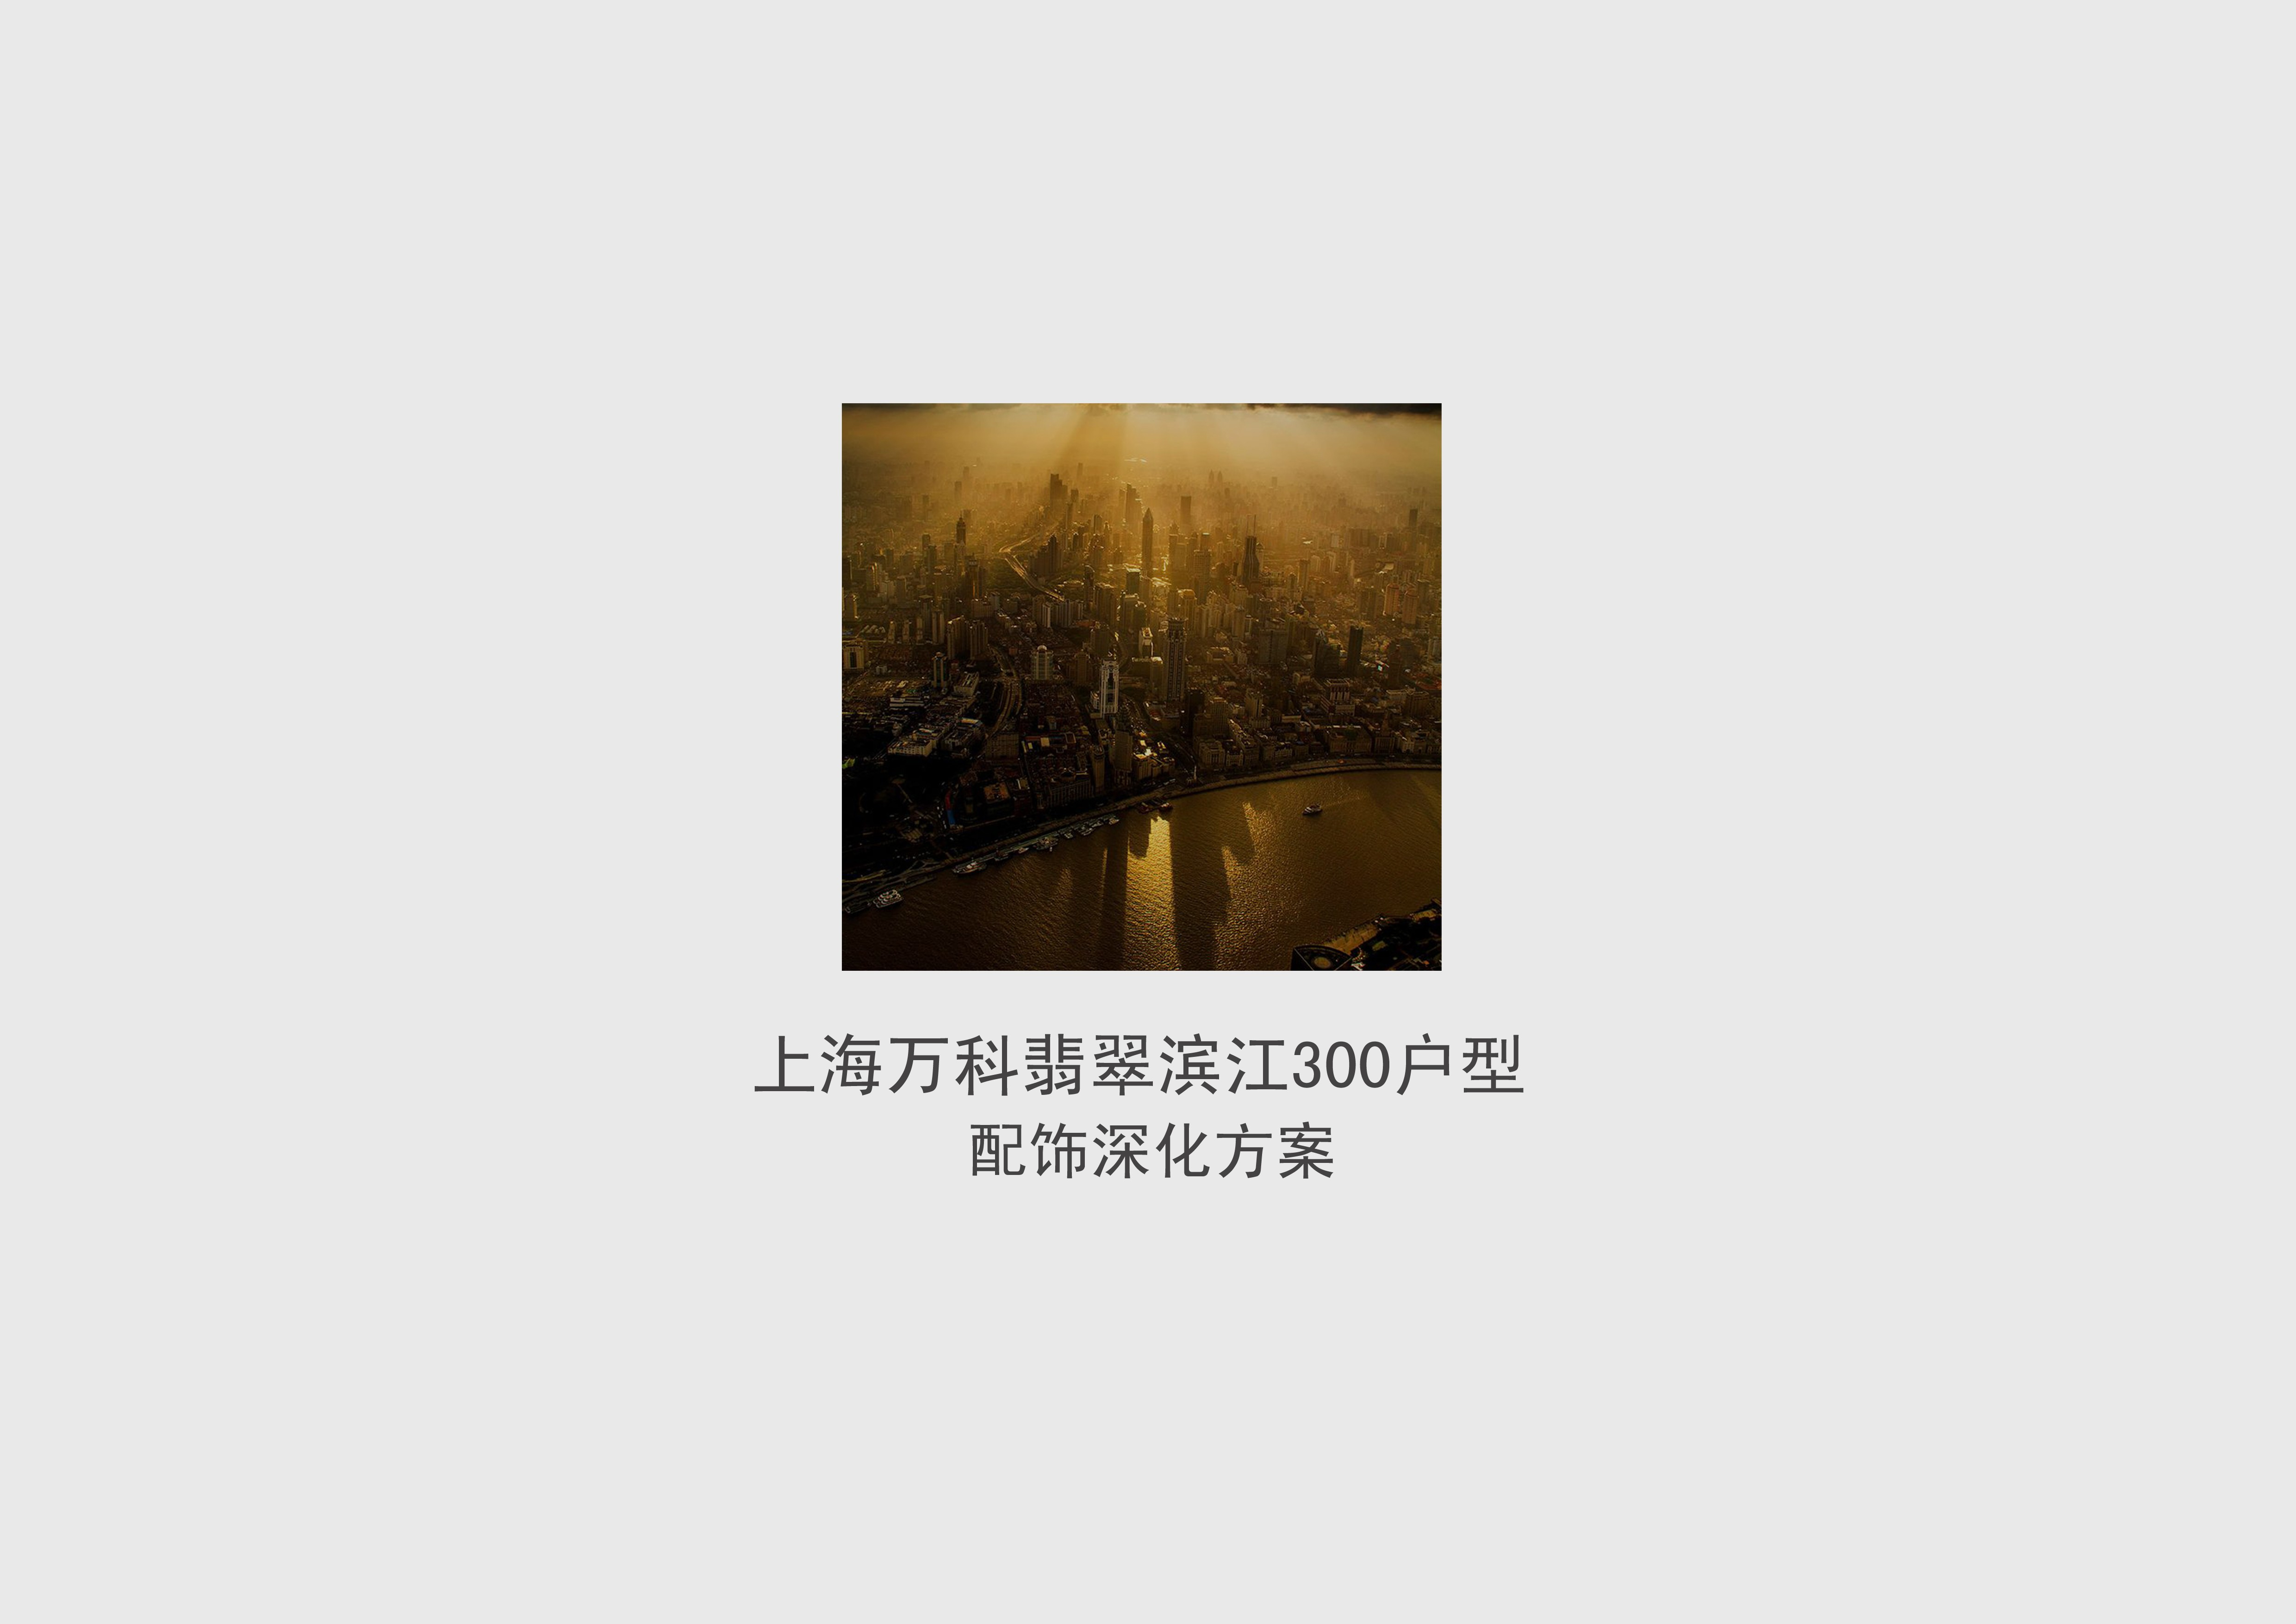 紫香柯上海万科翡翠滨江样板间方案&CAD图施工图下载【ID:26981616】